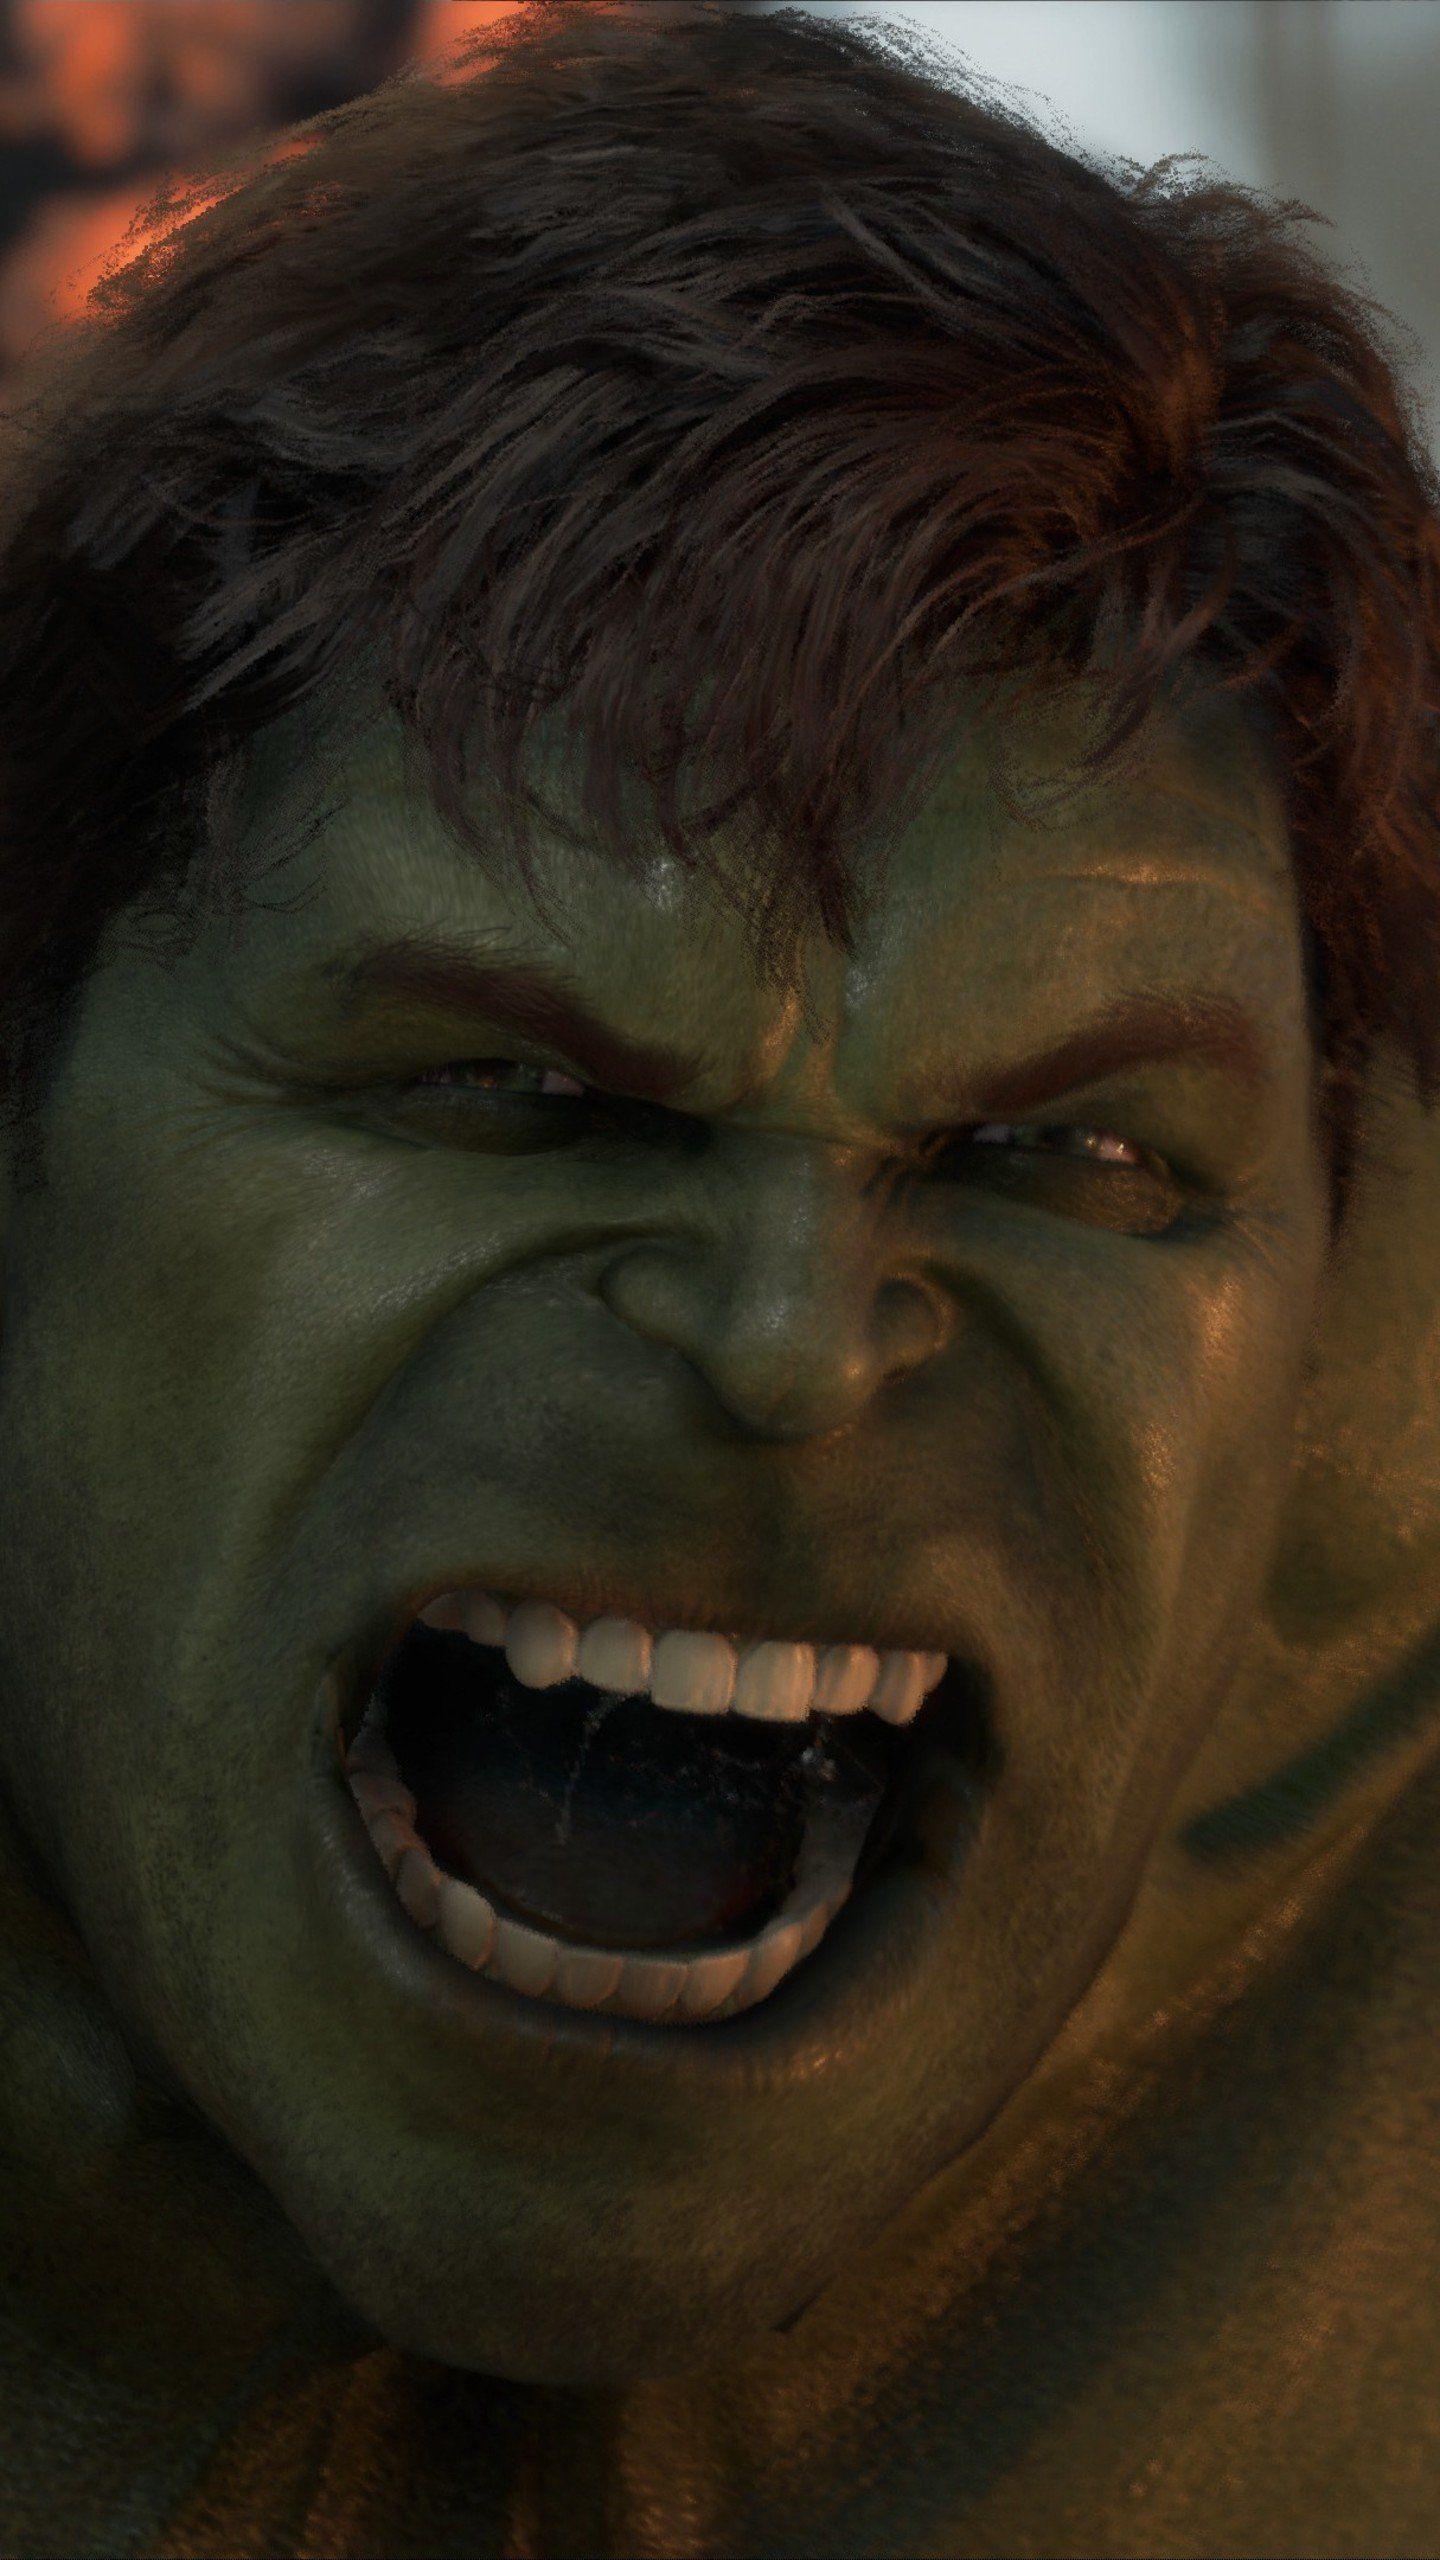 Hulk Marvels Avengers 4k Hd Games Wallpapers Photos And Pictures Hulk Avengers Hulk Marvel Marvel Avengers